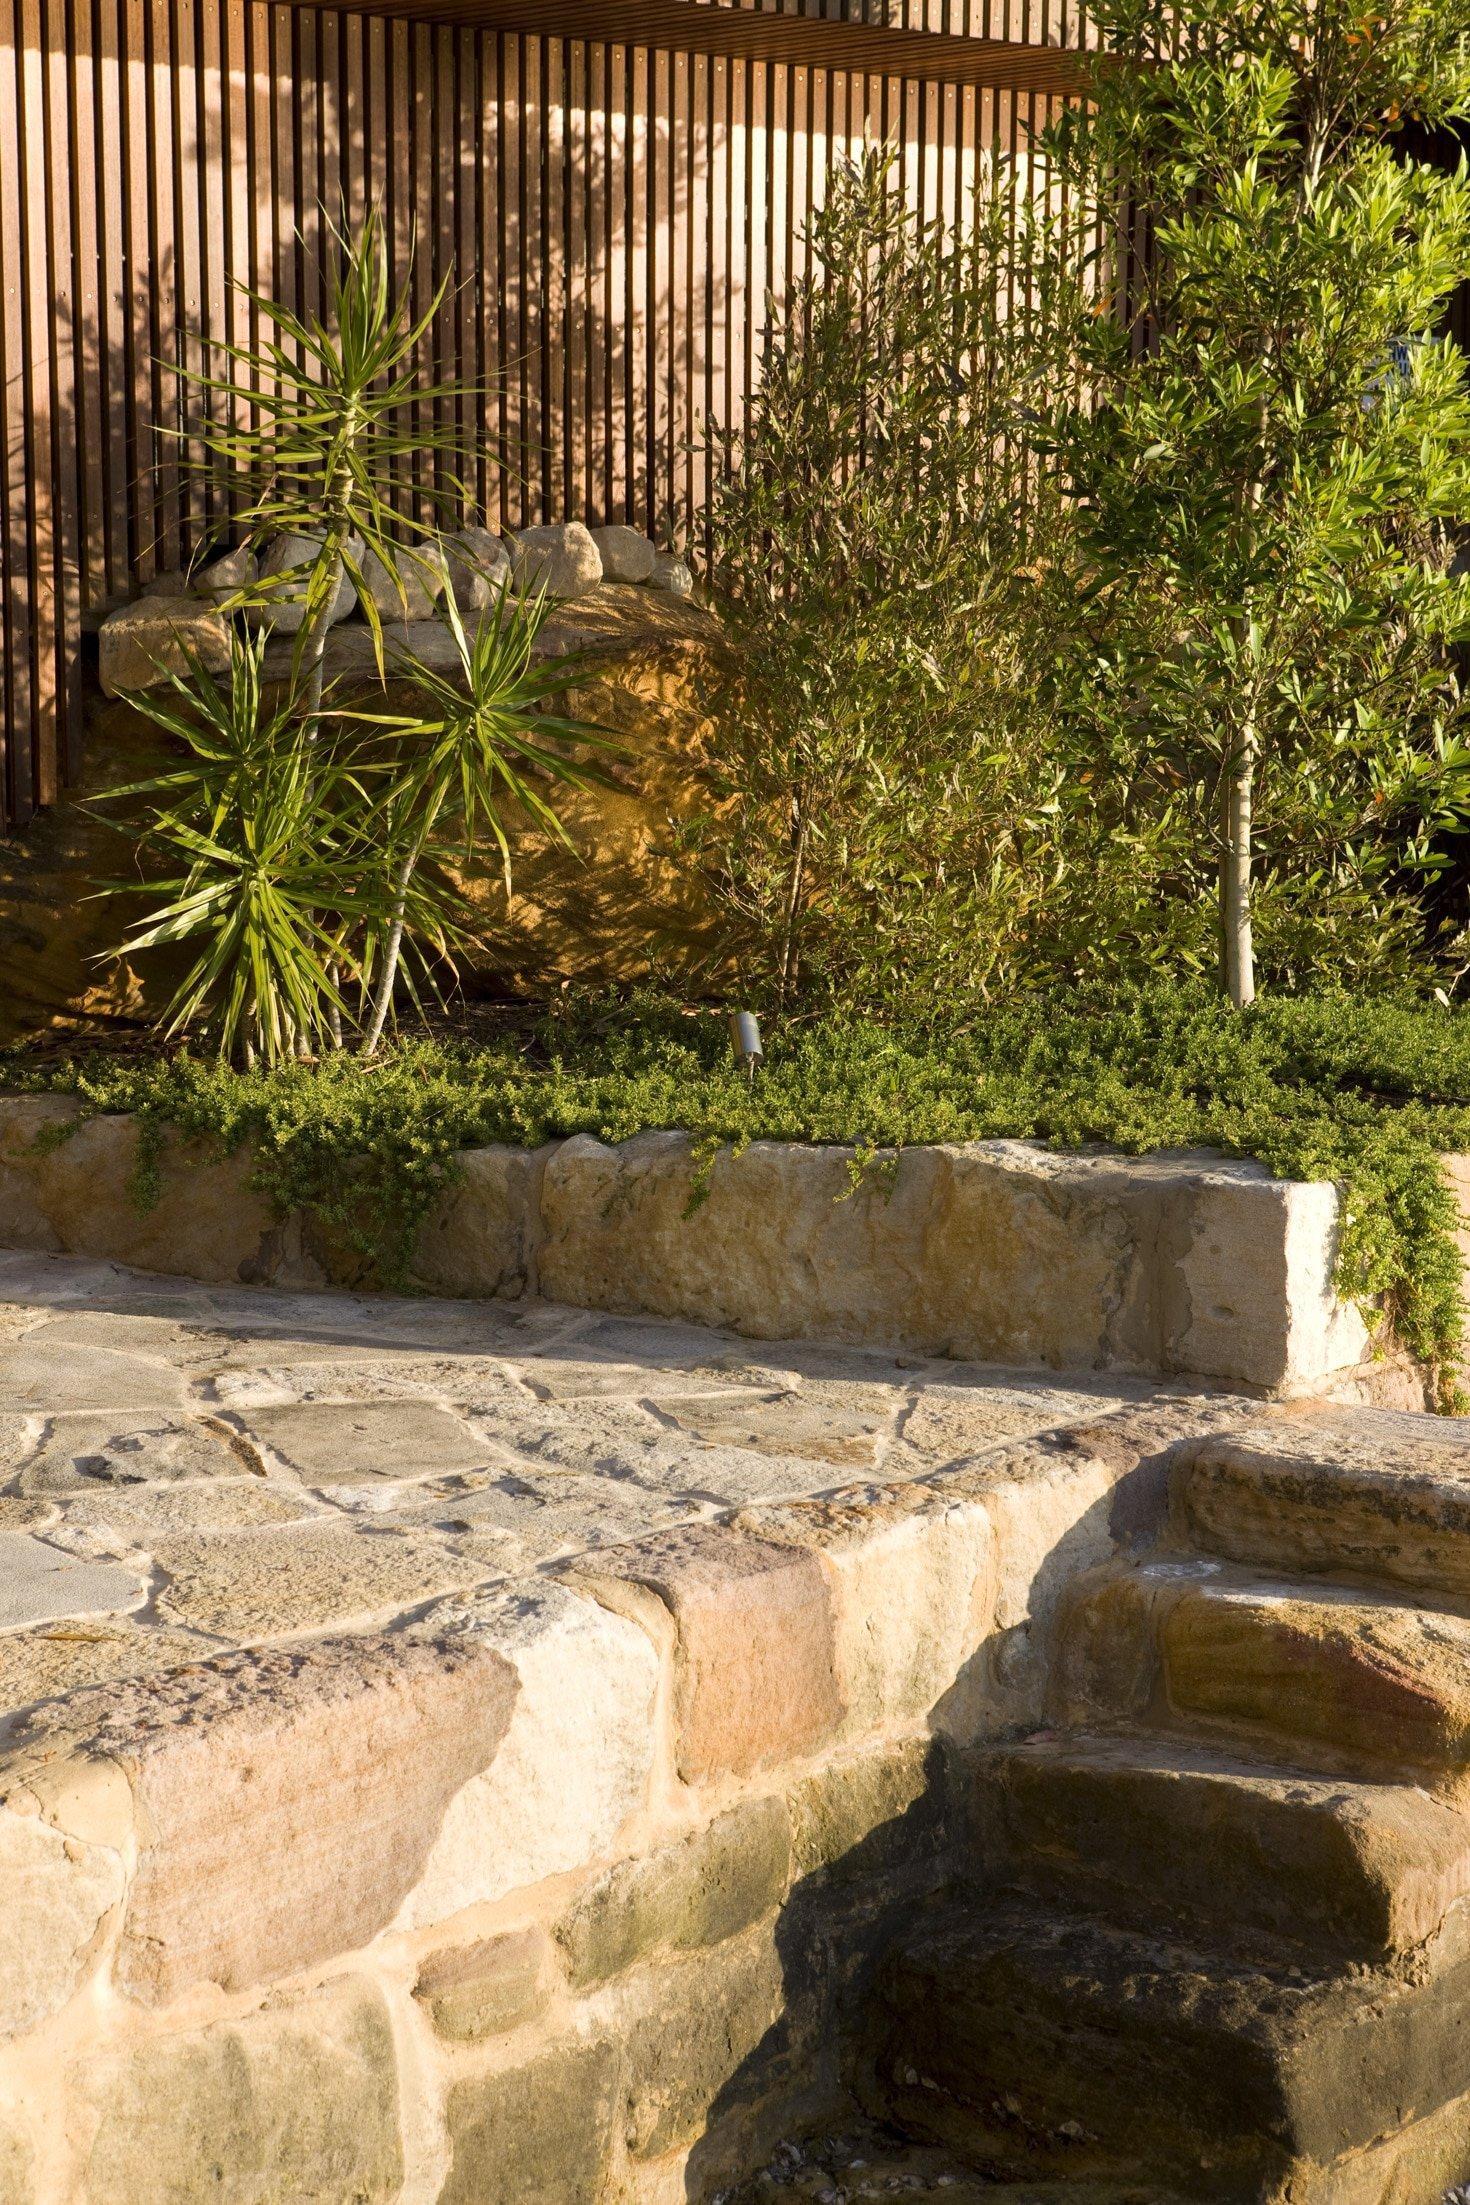 Sandstone stairs in a garden design